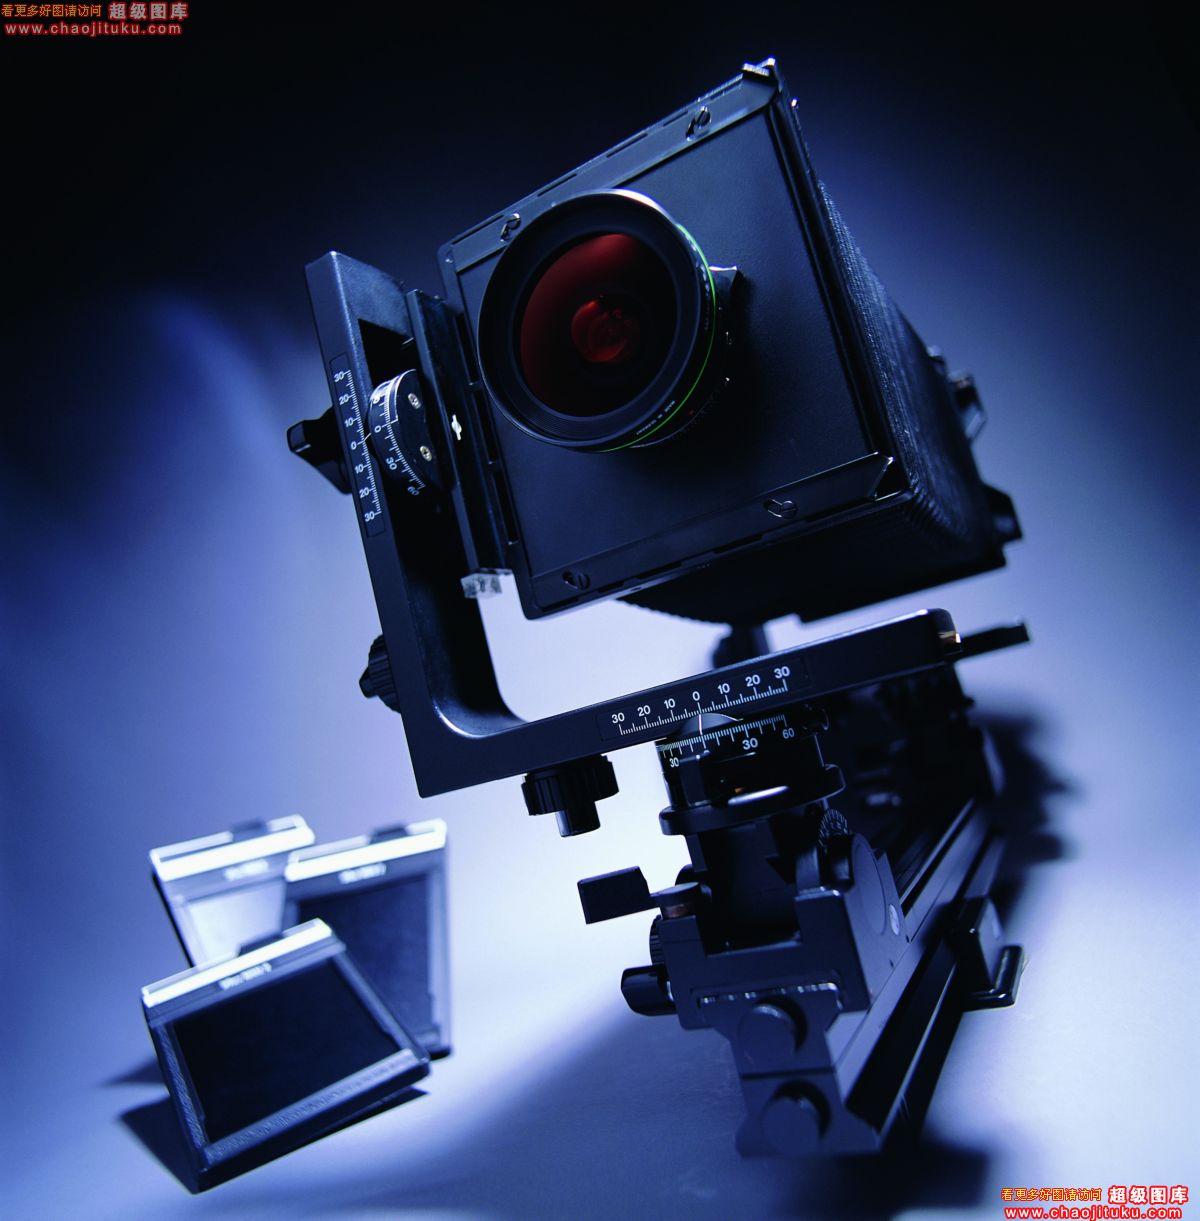 想找诚信的微电影创作,就来亚融影视_微电影多少钱